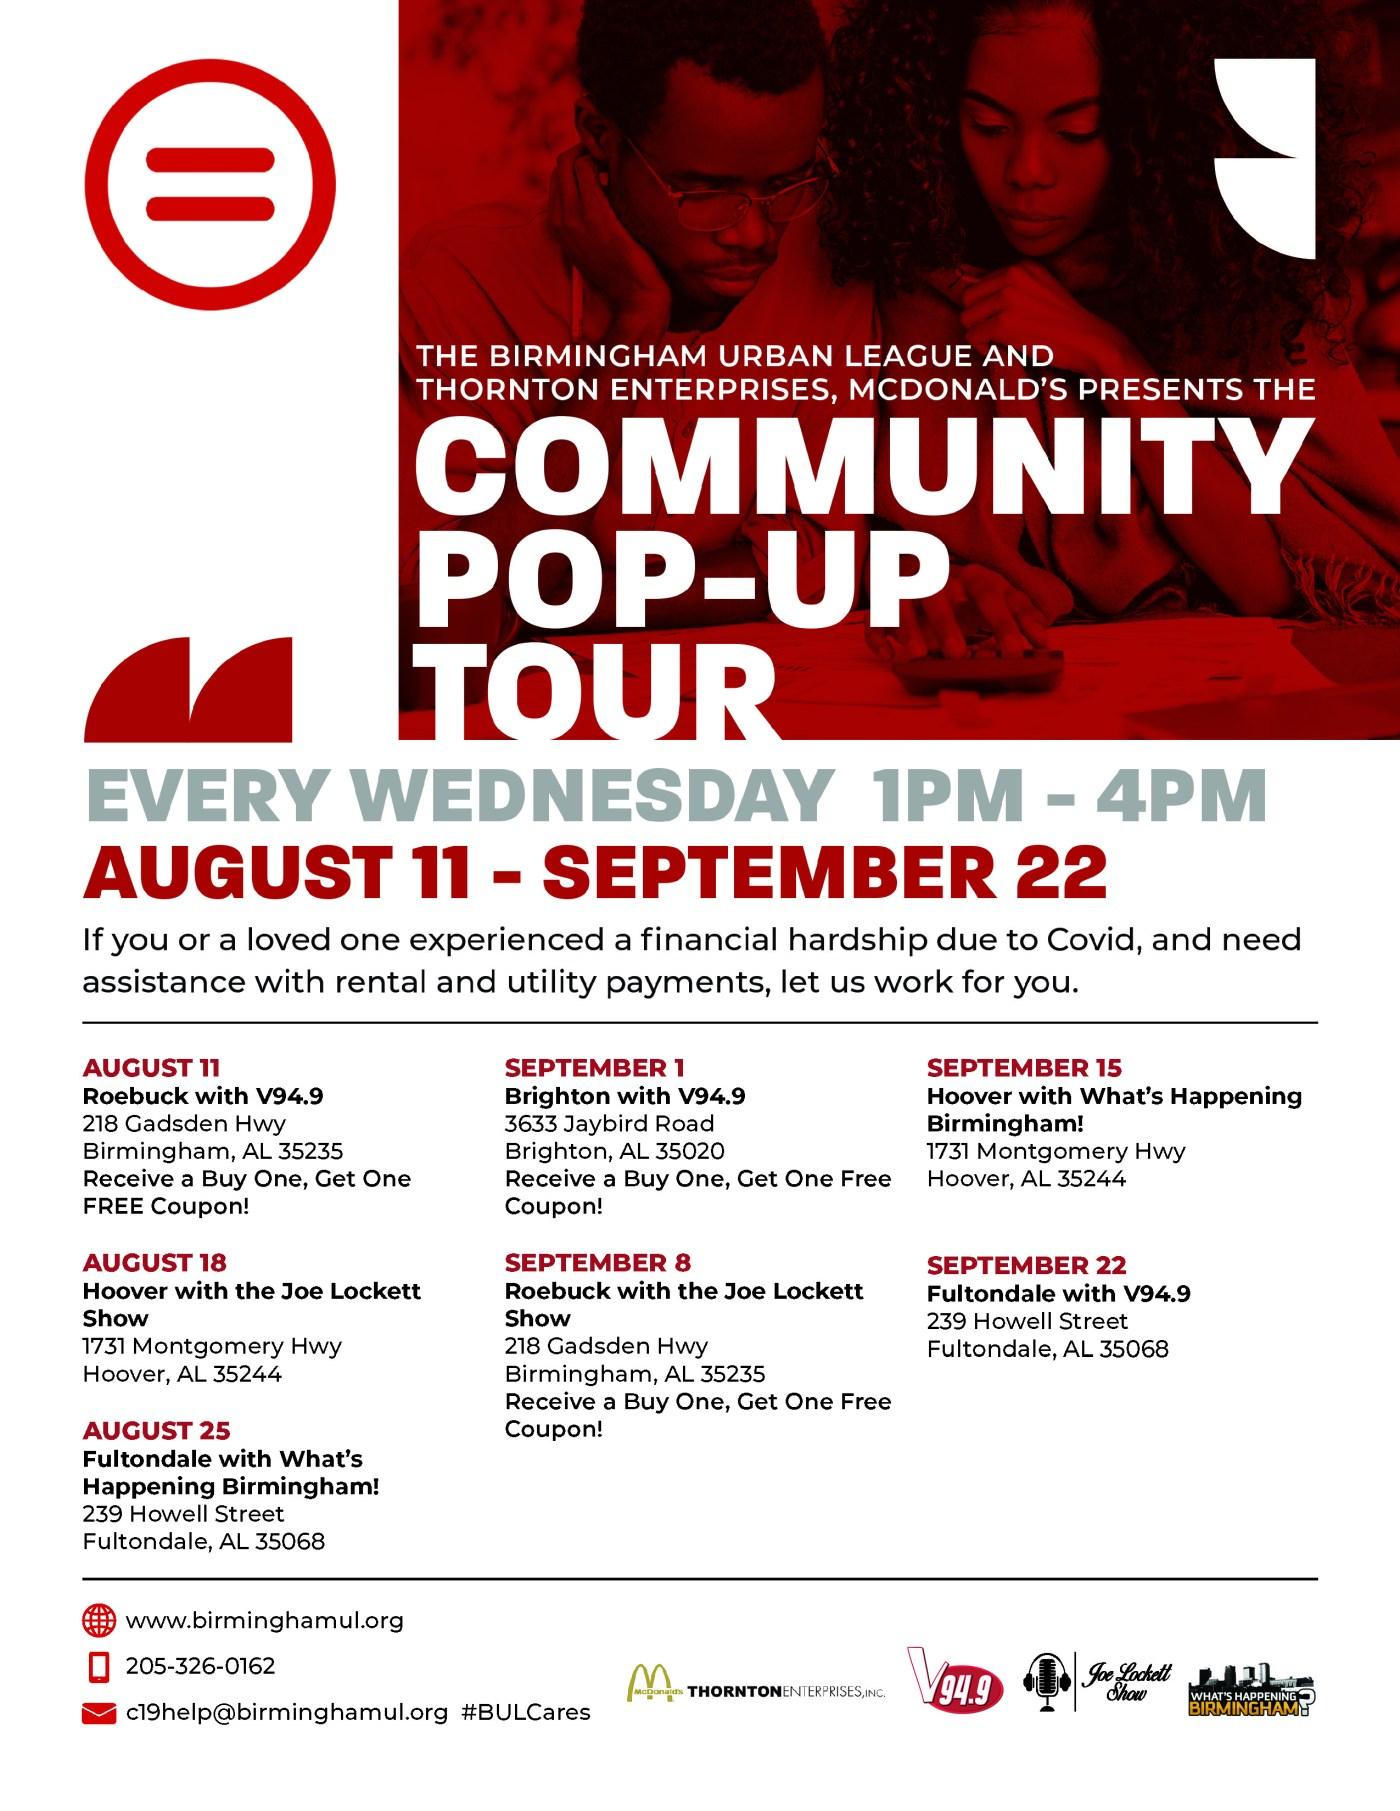 Community pop-up tour flyer